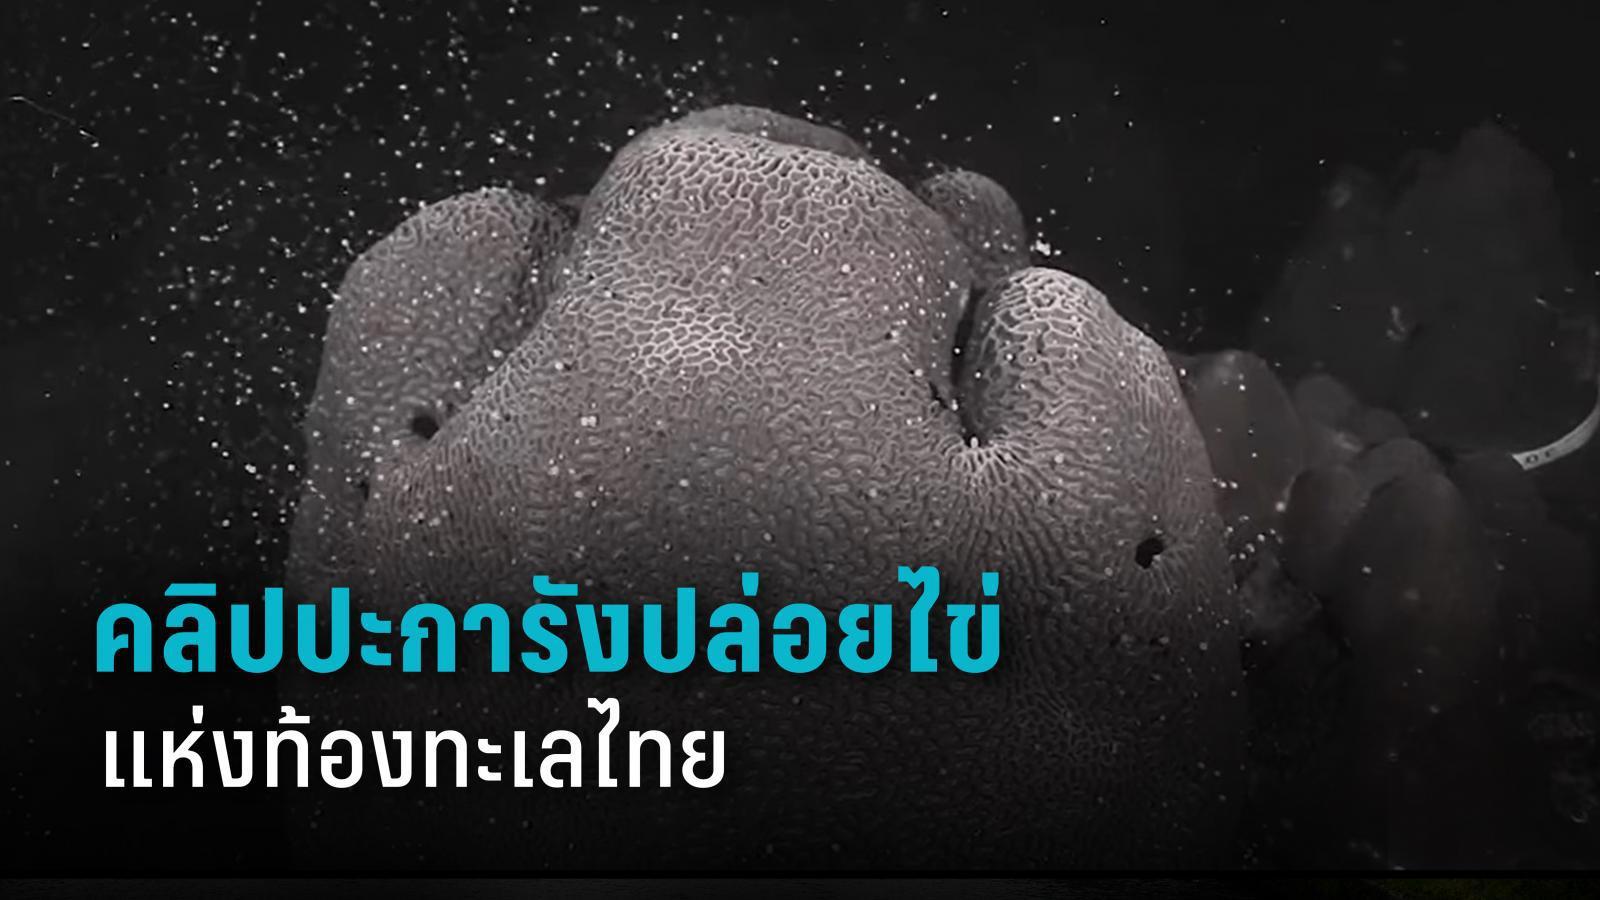 หาชมยาก ปะการังปล่อยไข่ แห่งท้องทะเลไทย ณ เกาะมาตรา จ.ชุมพร